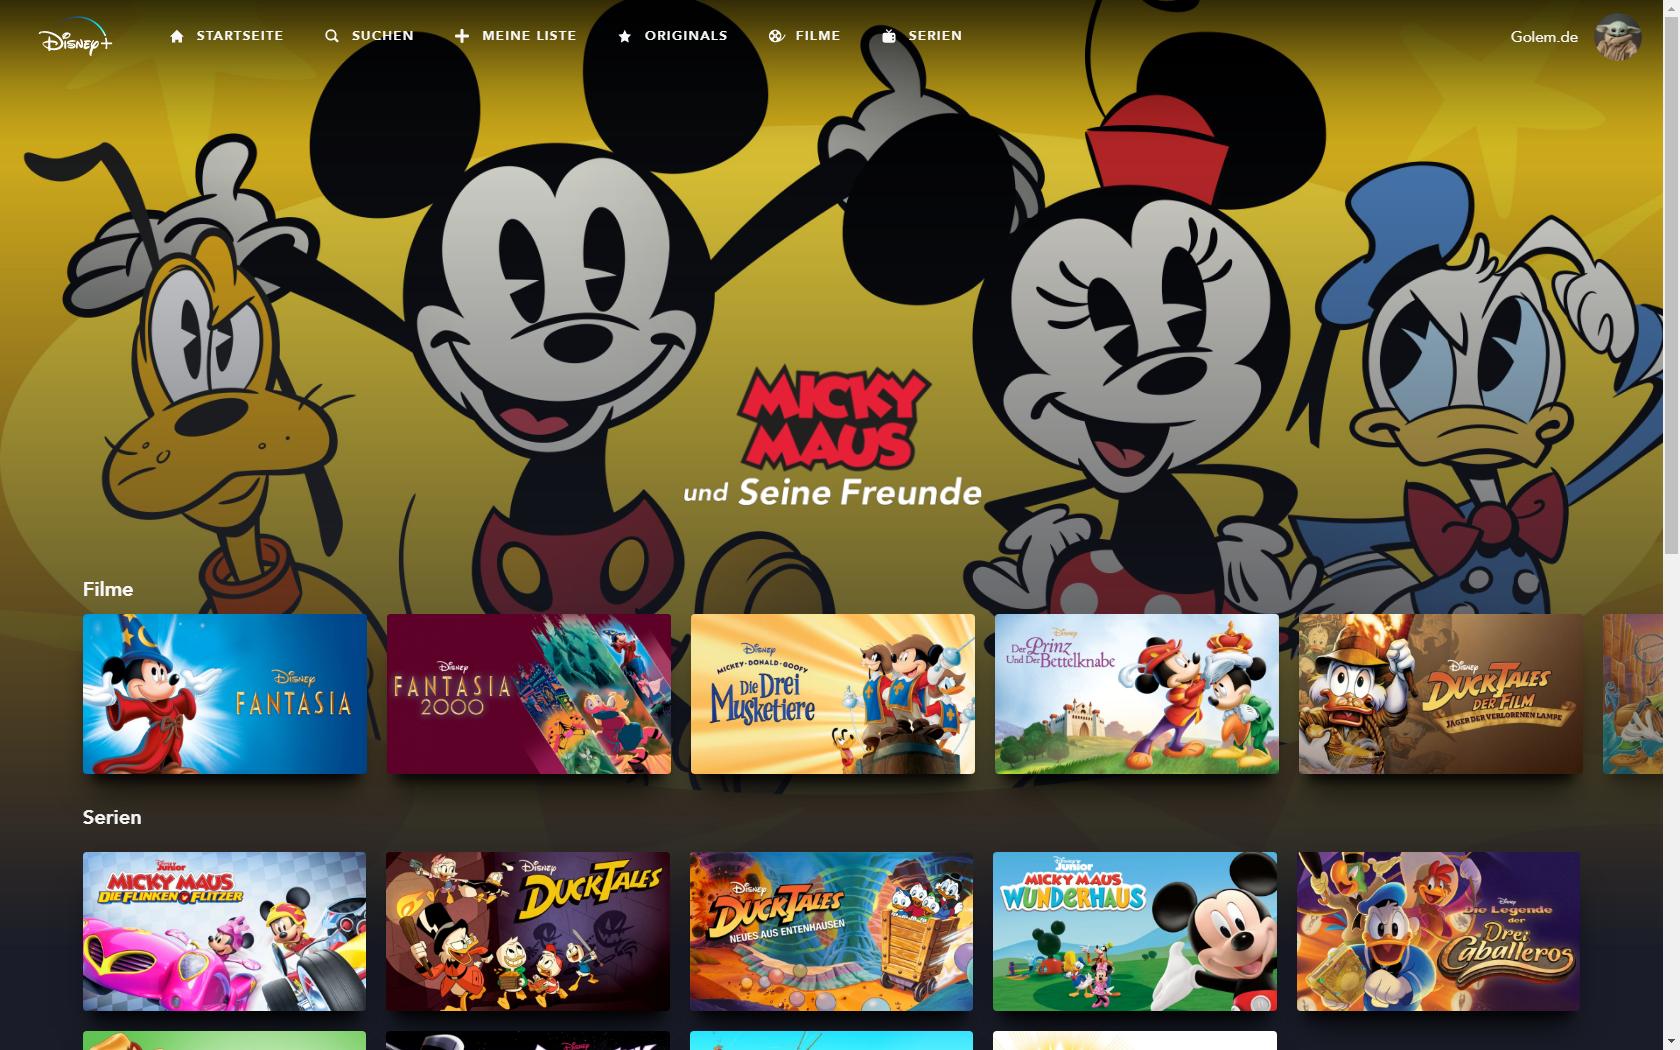 Konkurrenz für Netflix und Prime Video: Disney nennt Filme und Serien für Disney+ in Deutschland - Kollektion zu Micky Maus bei Disney+ (Bild: Disney+/Screenshot: Golem.de)